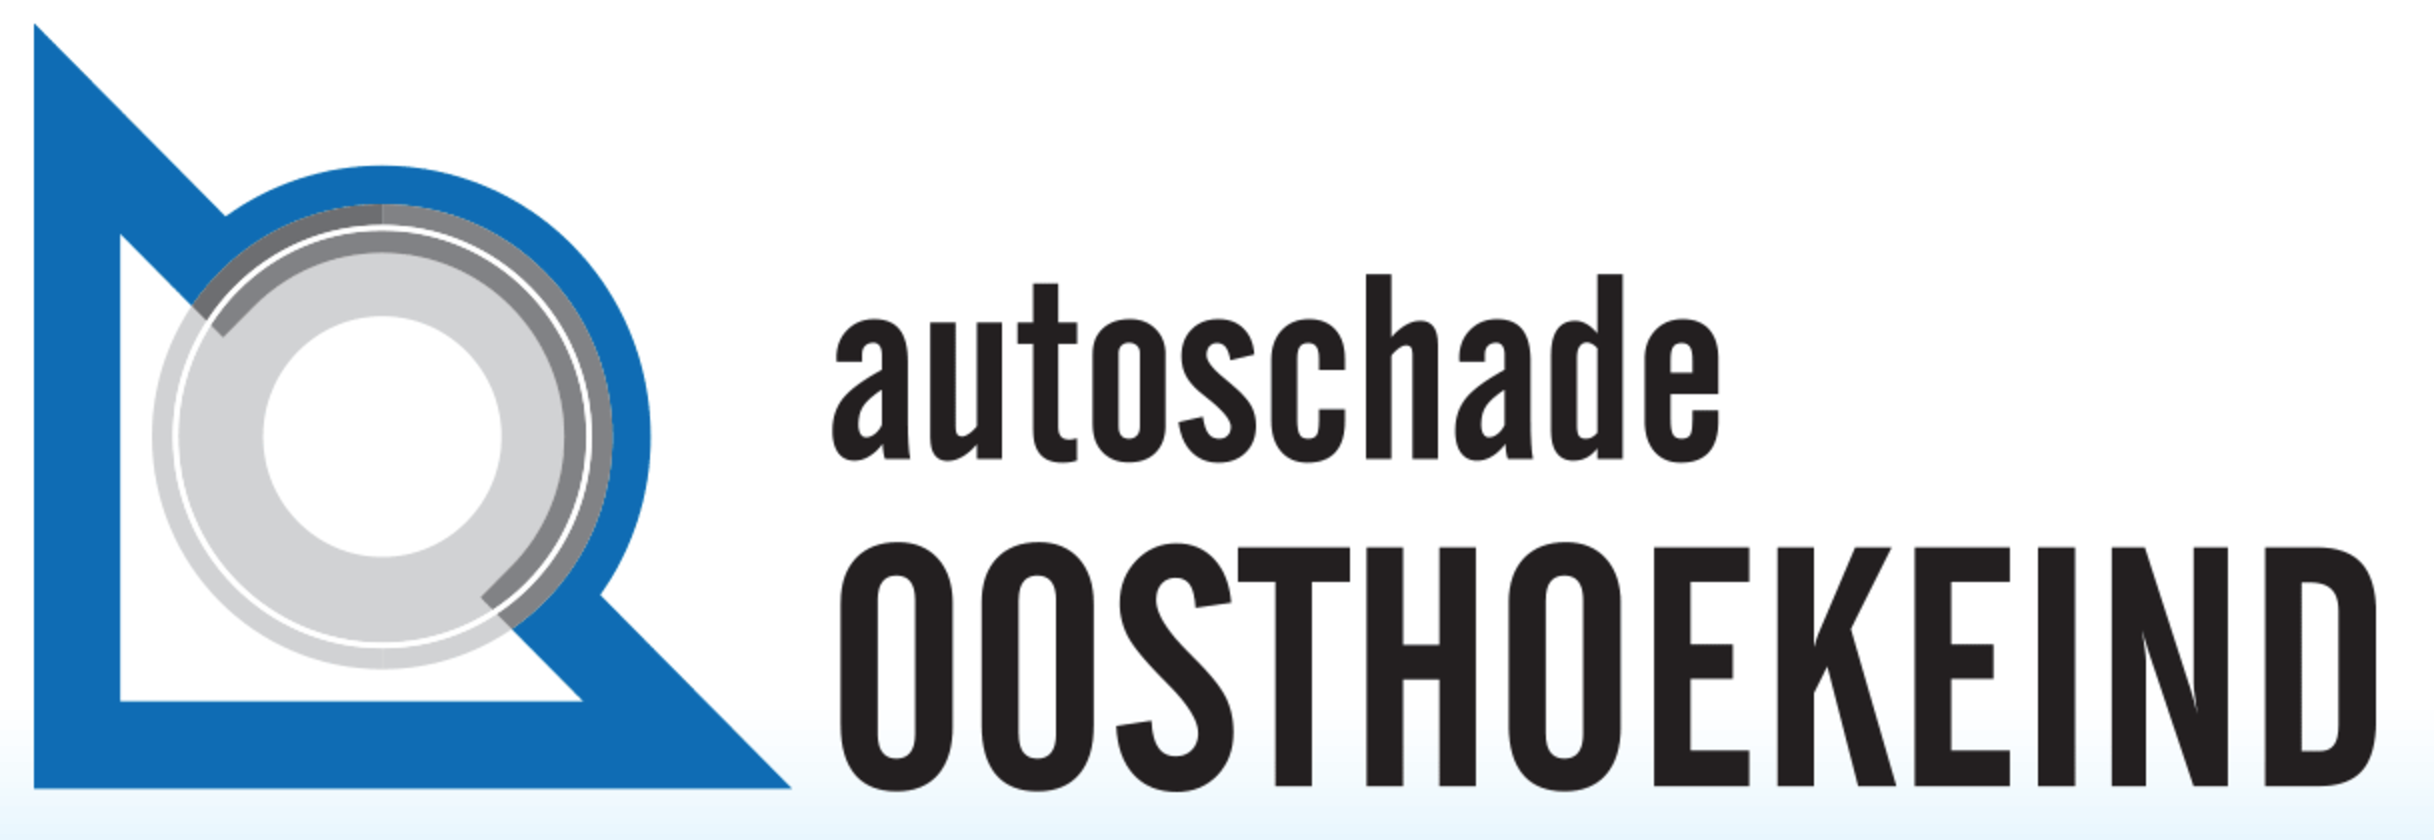 Autoschade Oosthoekeind